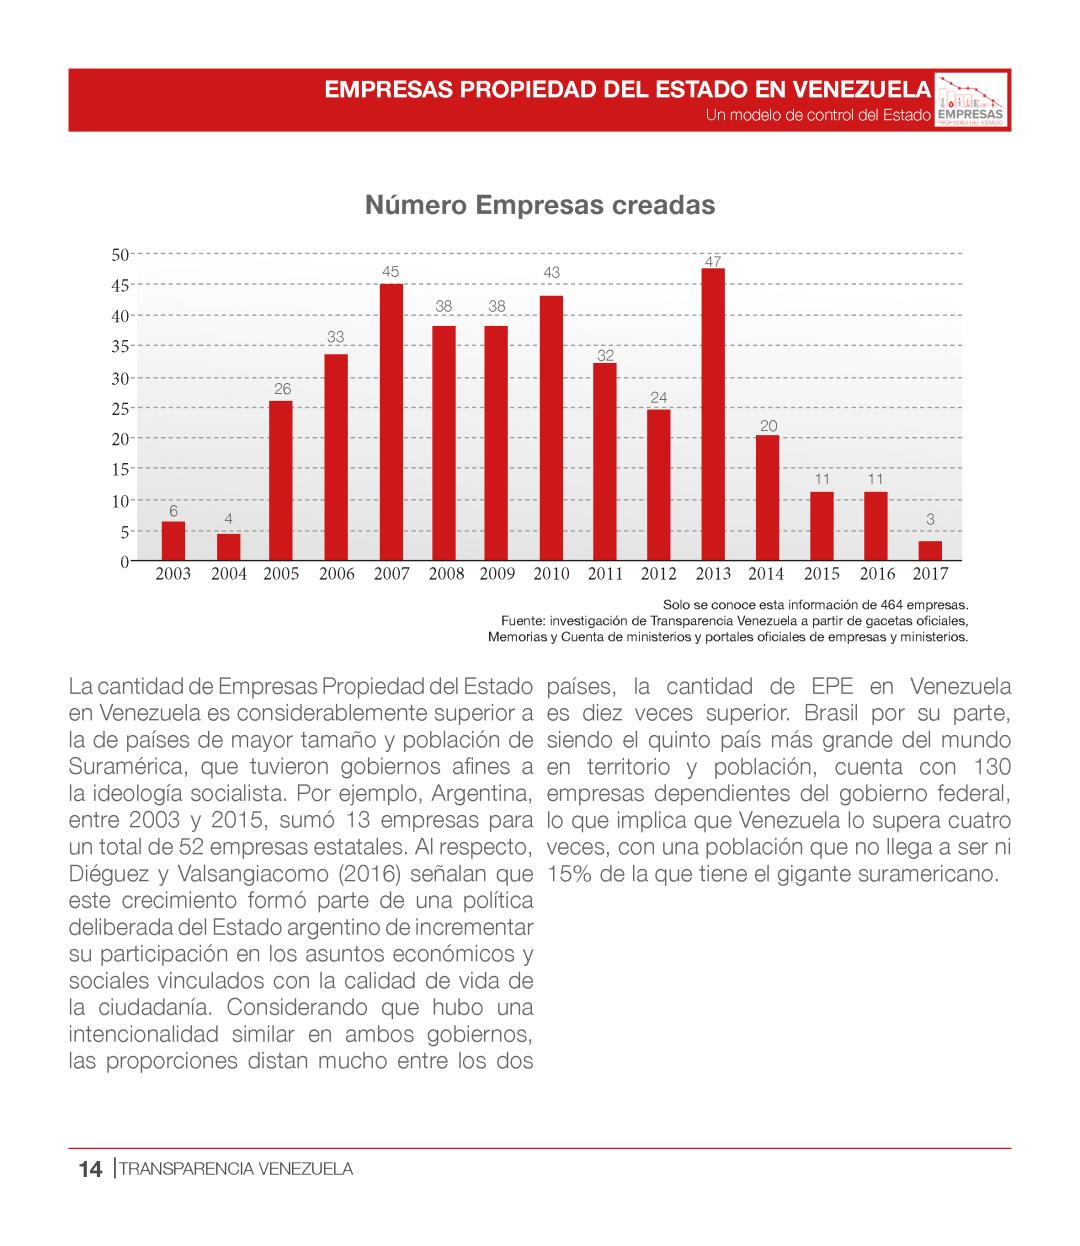 Empresas-propiedad-del-Edo.-2017-TV-sin-linea-de-corte_Página_14